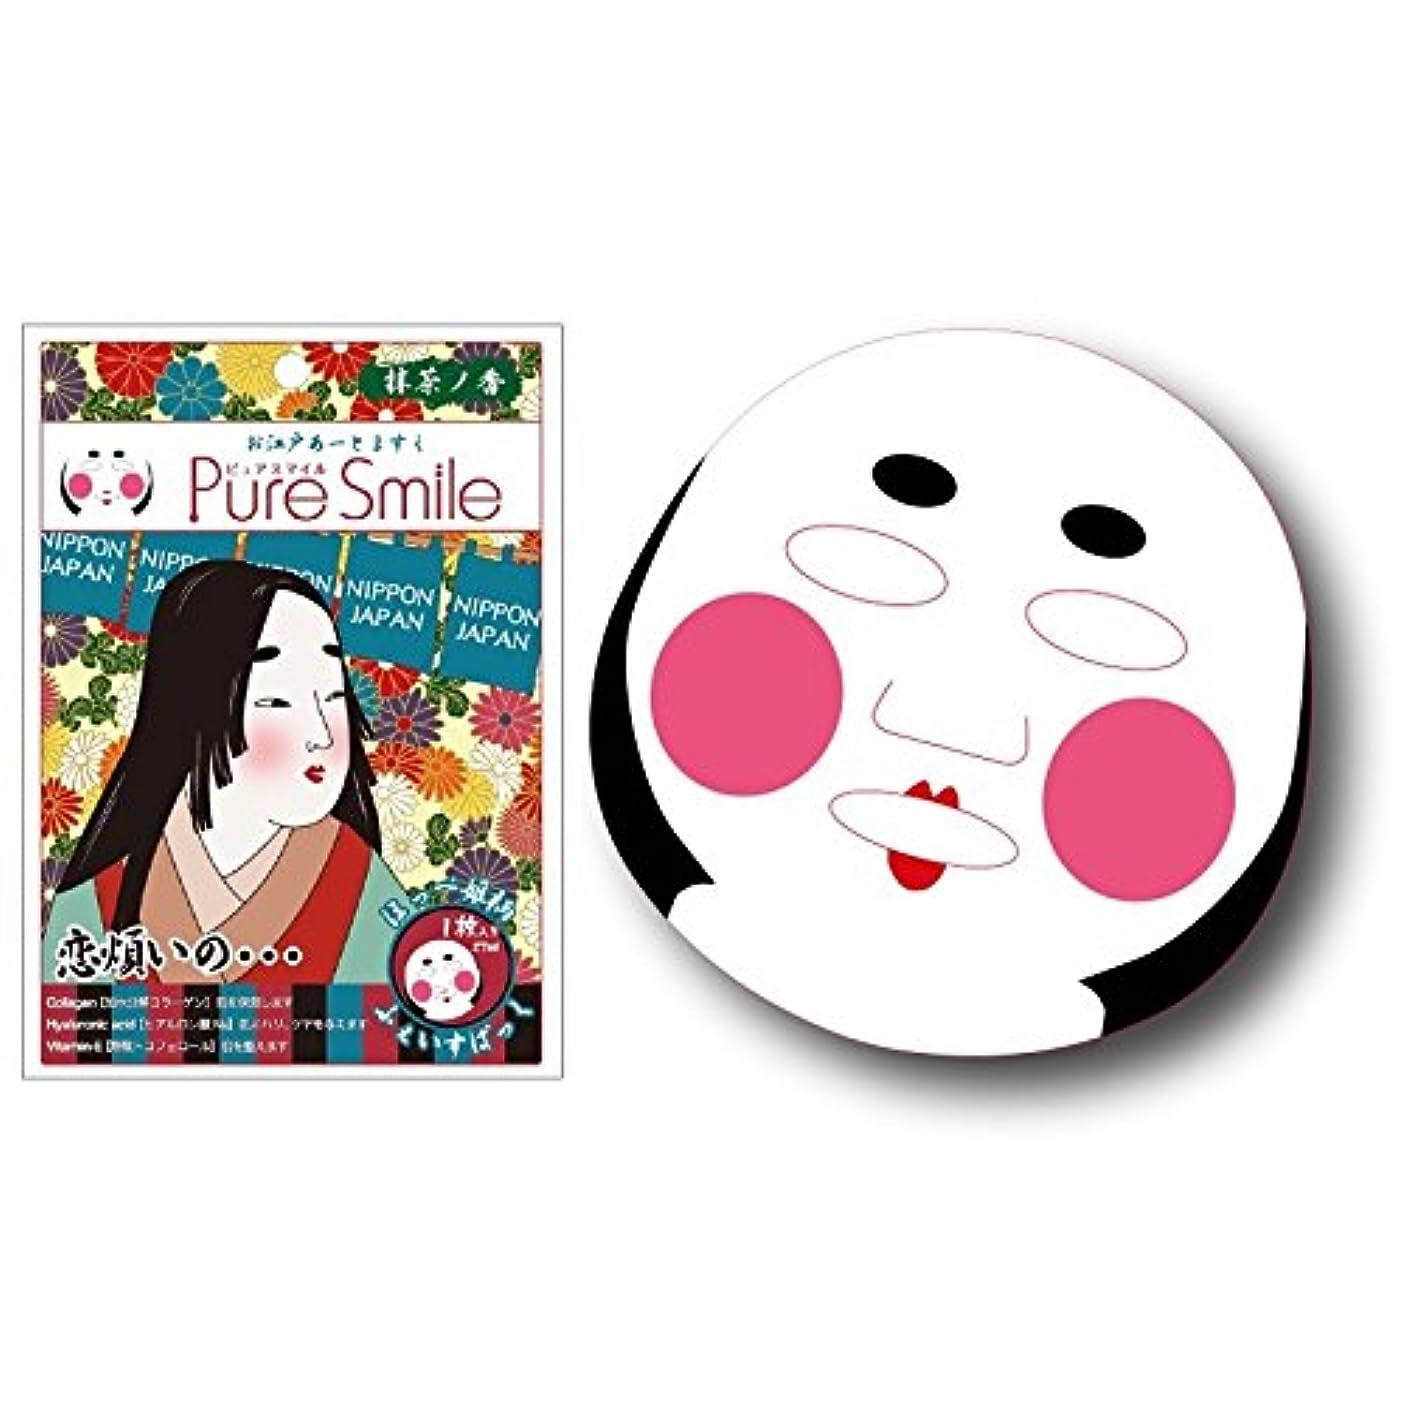 スーパーマーケット離れた奇妙なPure Smile お江戸アートマスク (ほっぺ姫)